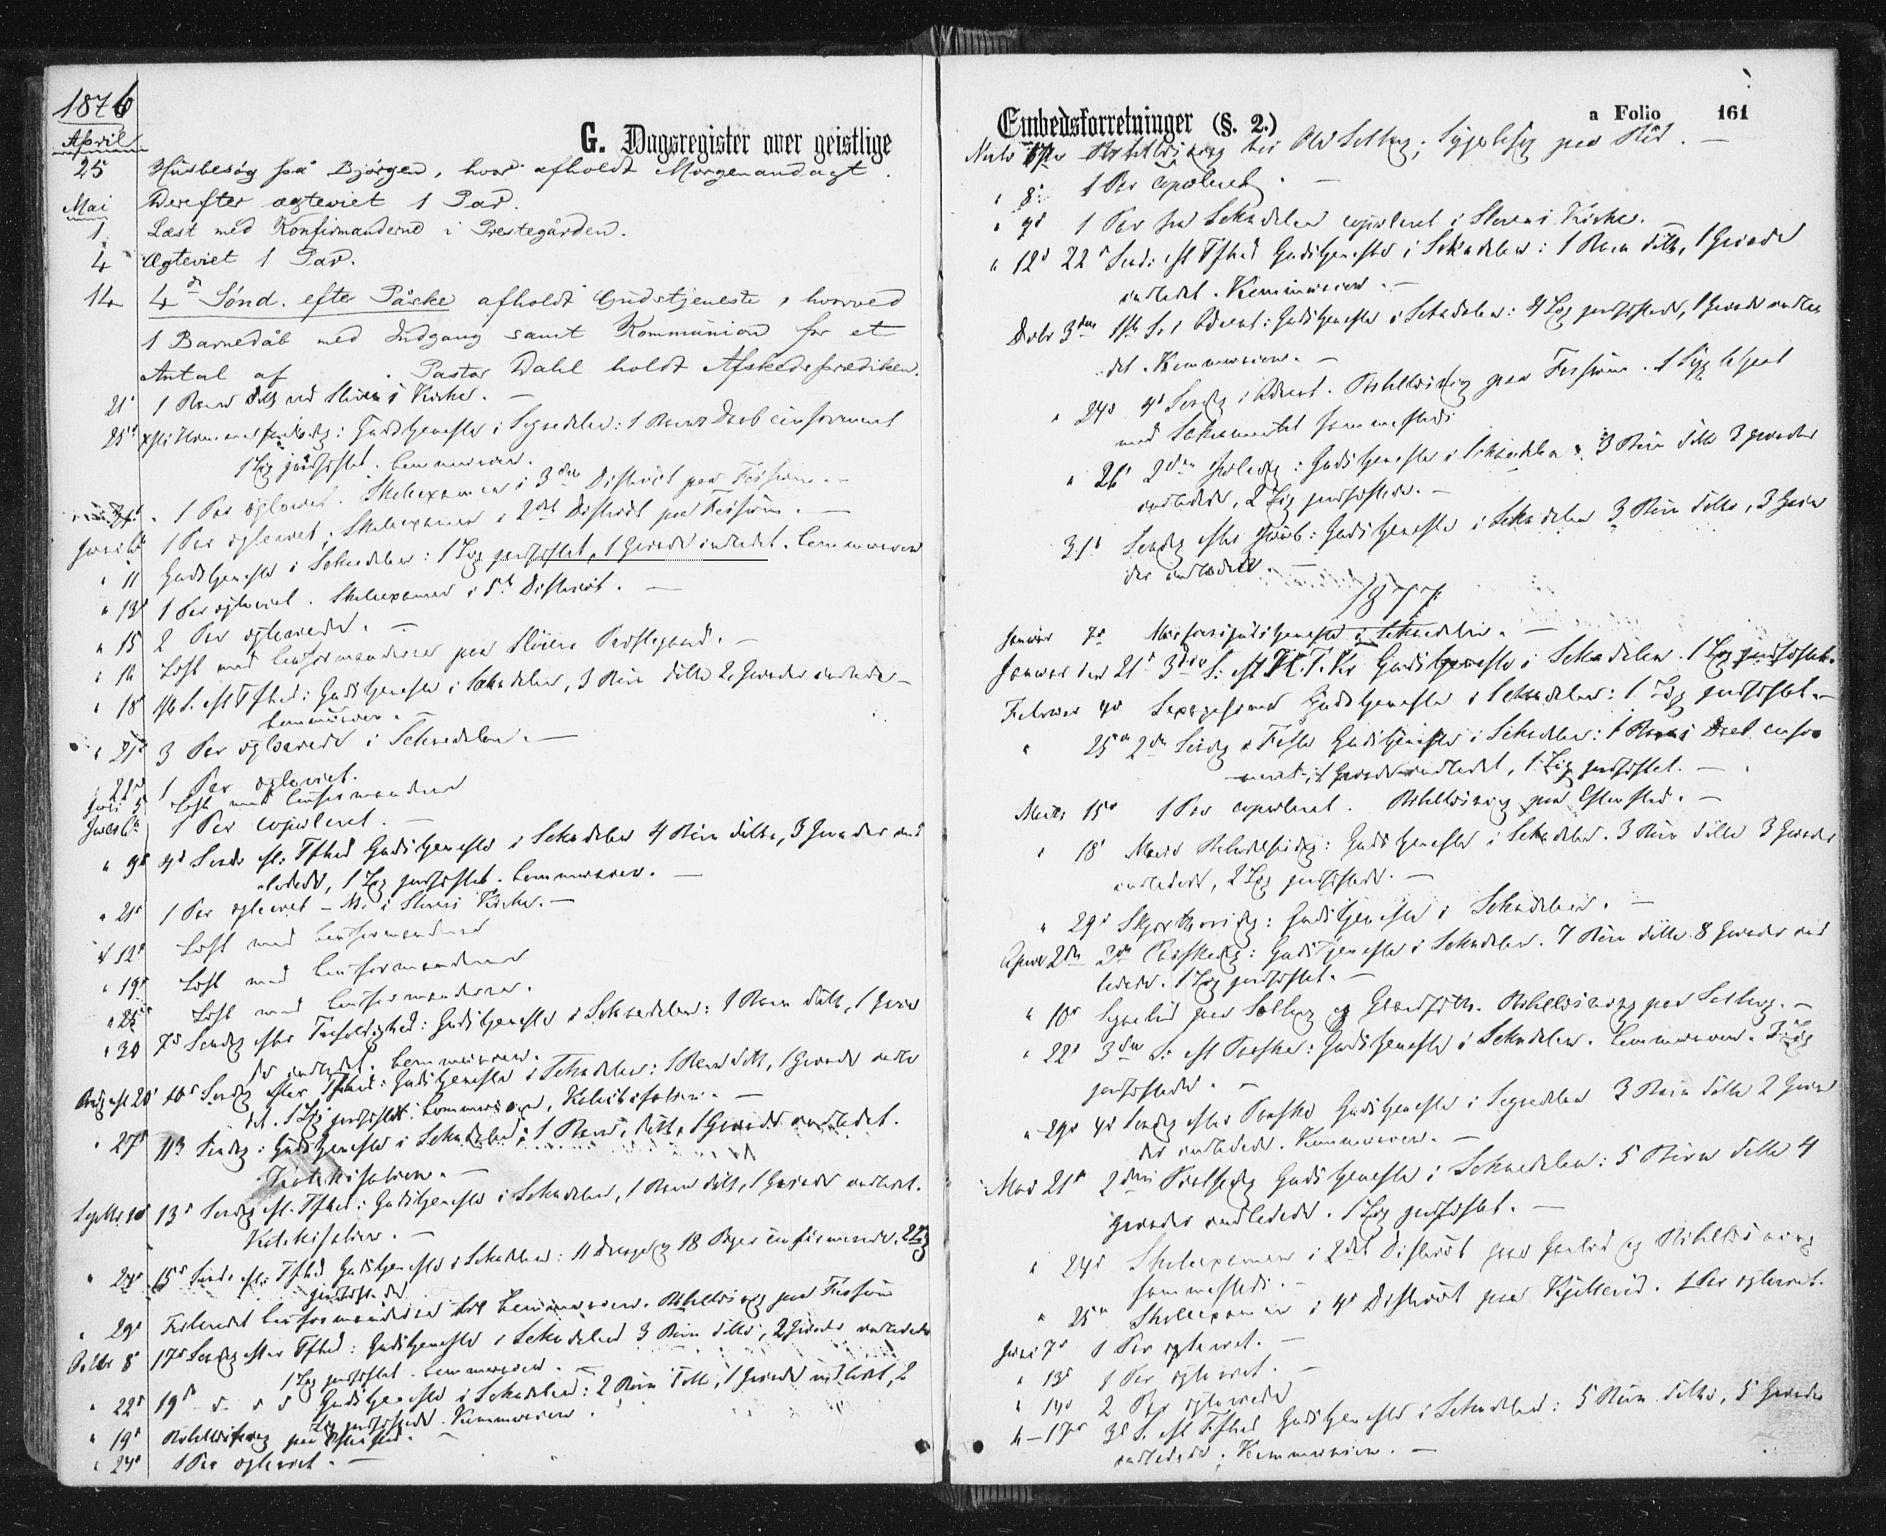 SAT, Ministerialprotokoller, klokkerbøker og fødselsregistre - Sør-Trøndelag, 689/L1039: Ministerialbok nr. 689A04, 1865-1878, s. 161